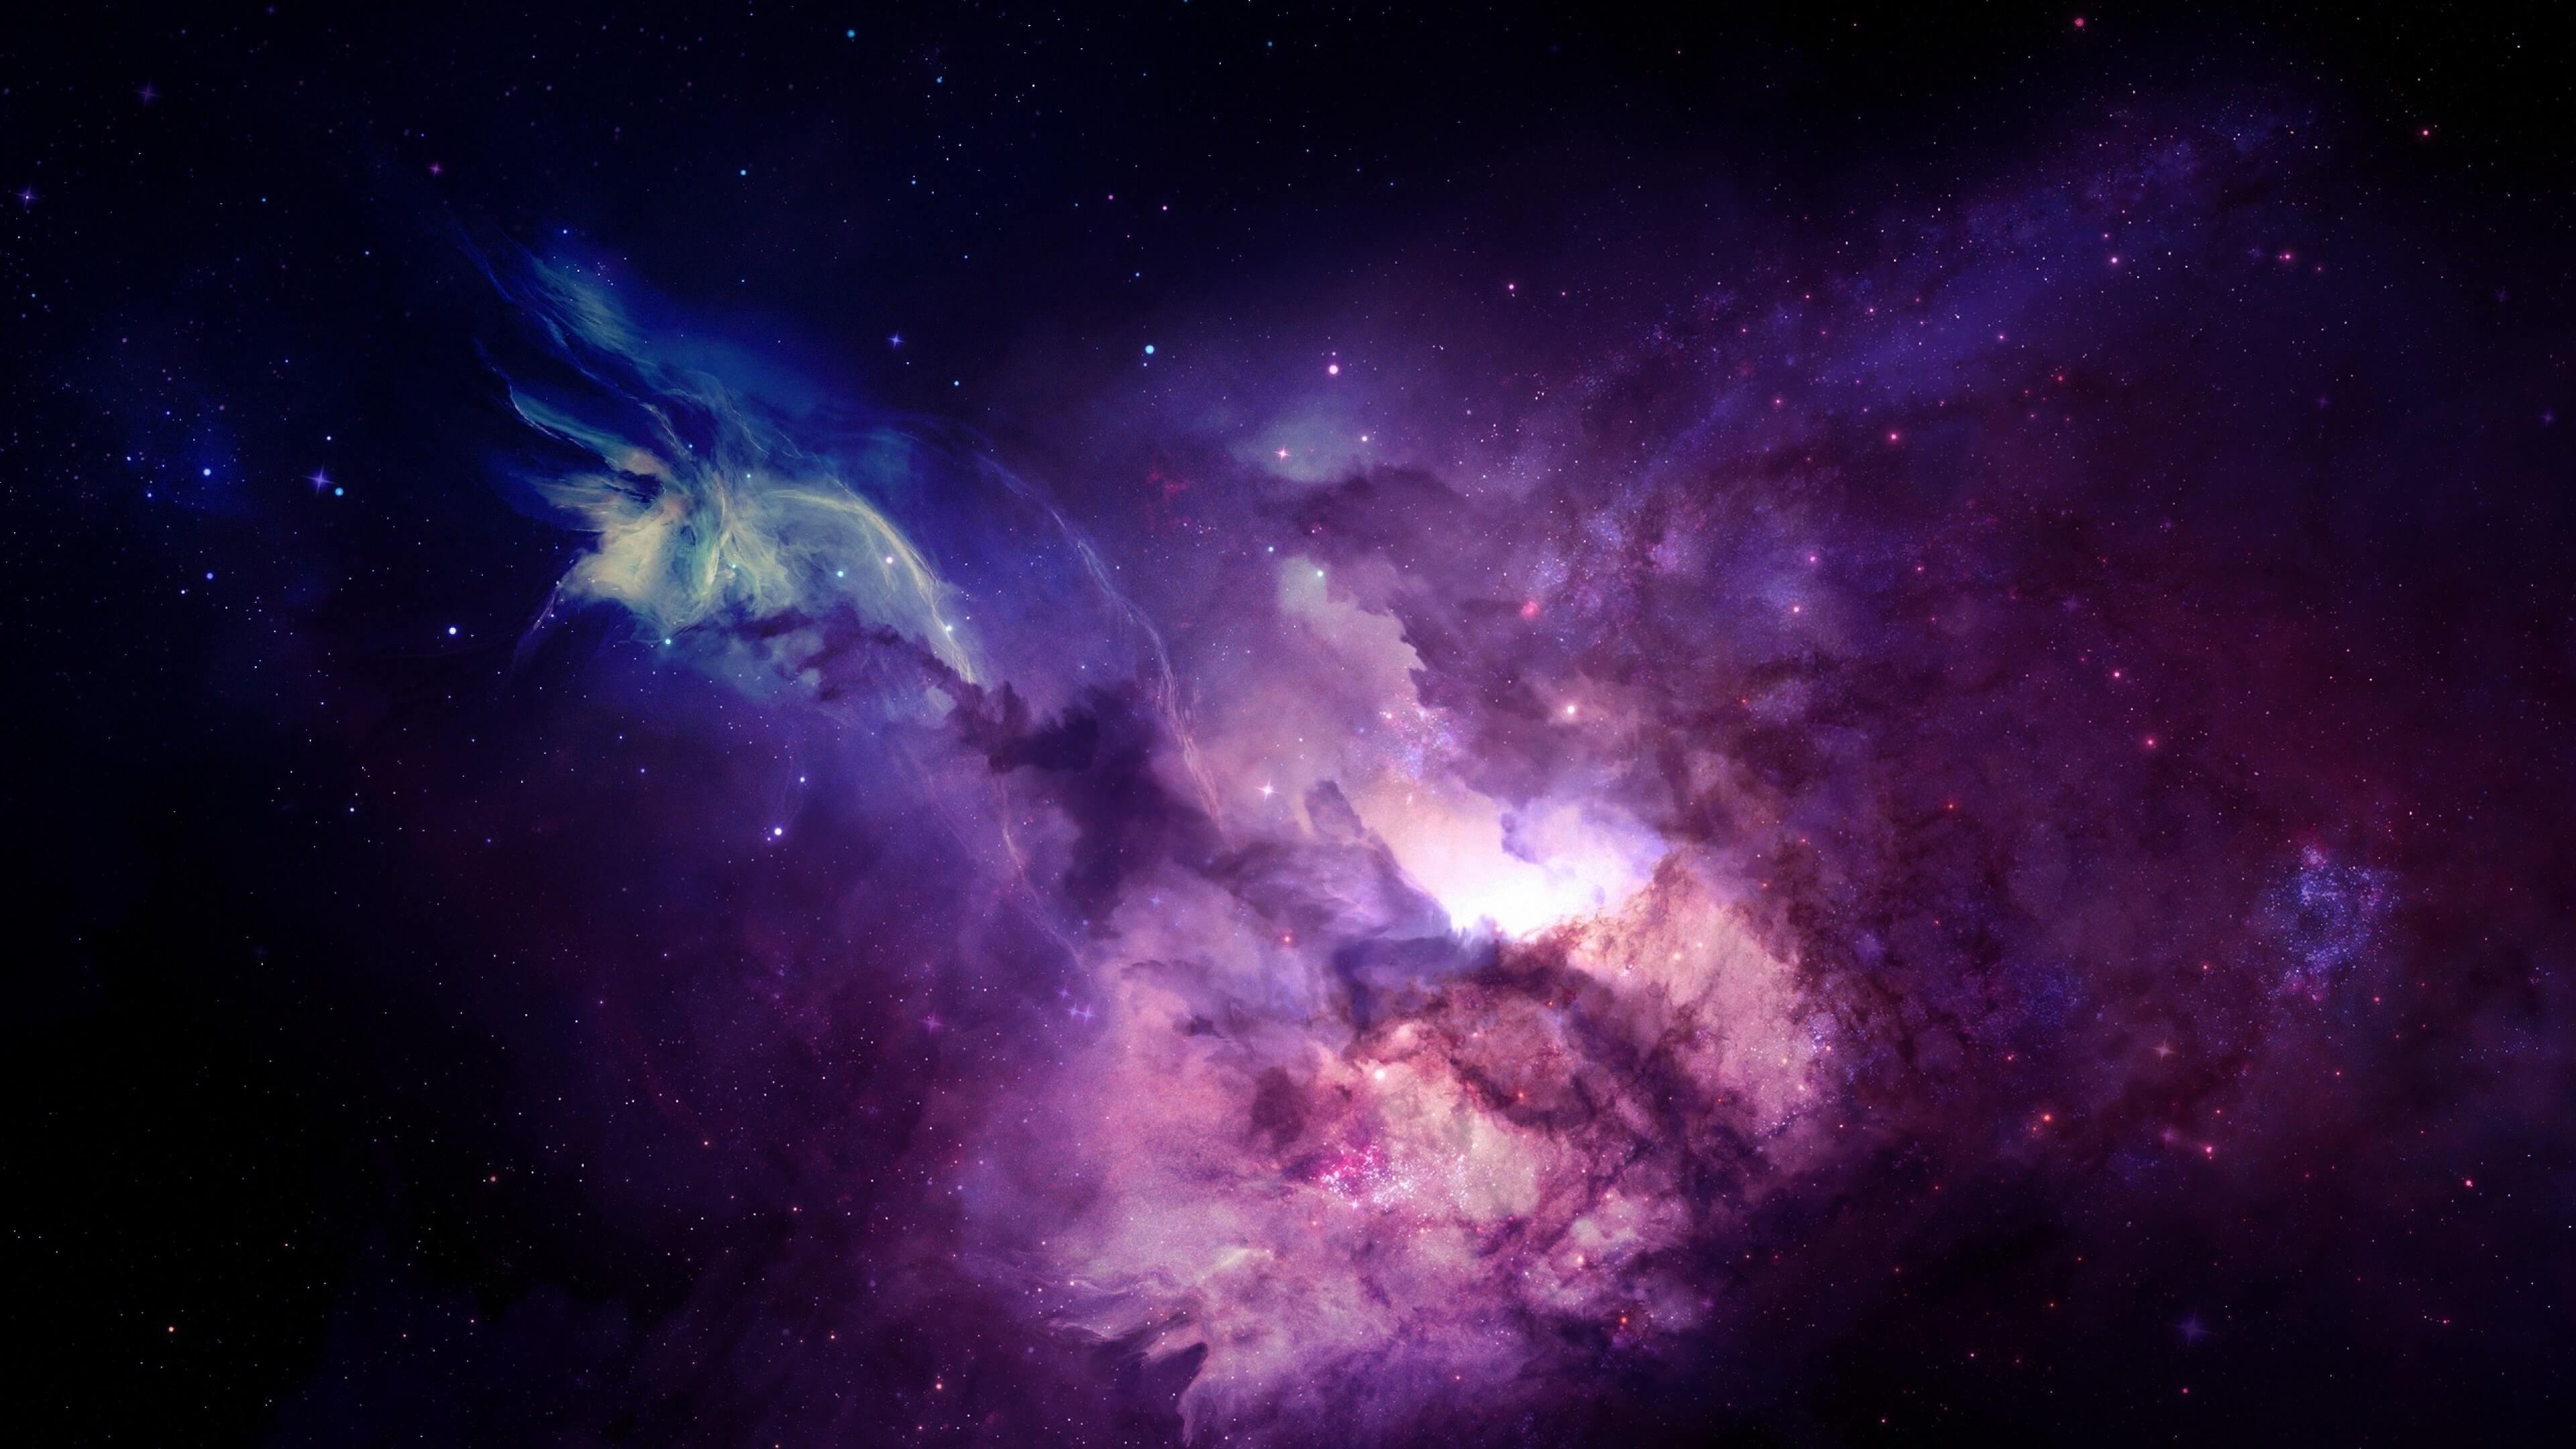 Purple Nebula HD wallpaper for 4K 3840 x 2160 – HDwallpapers.net